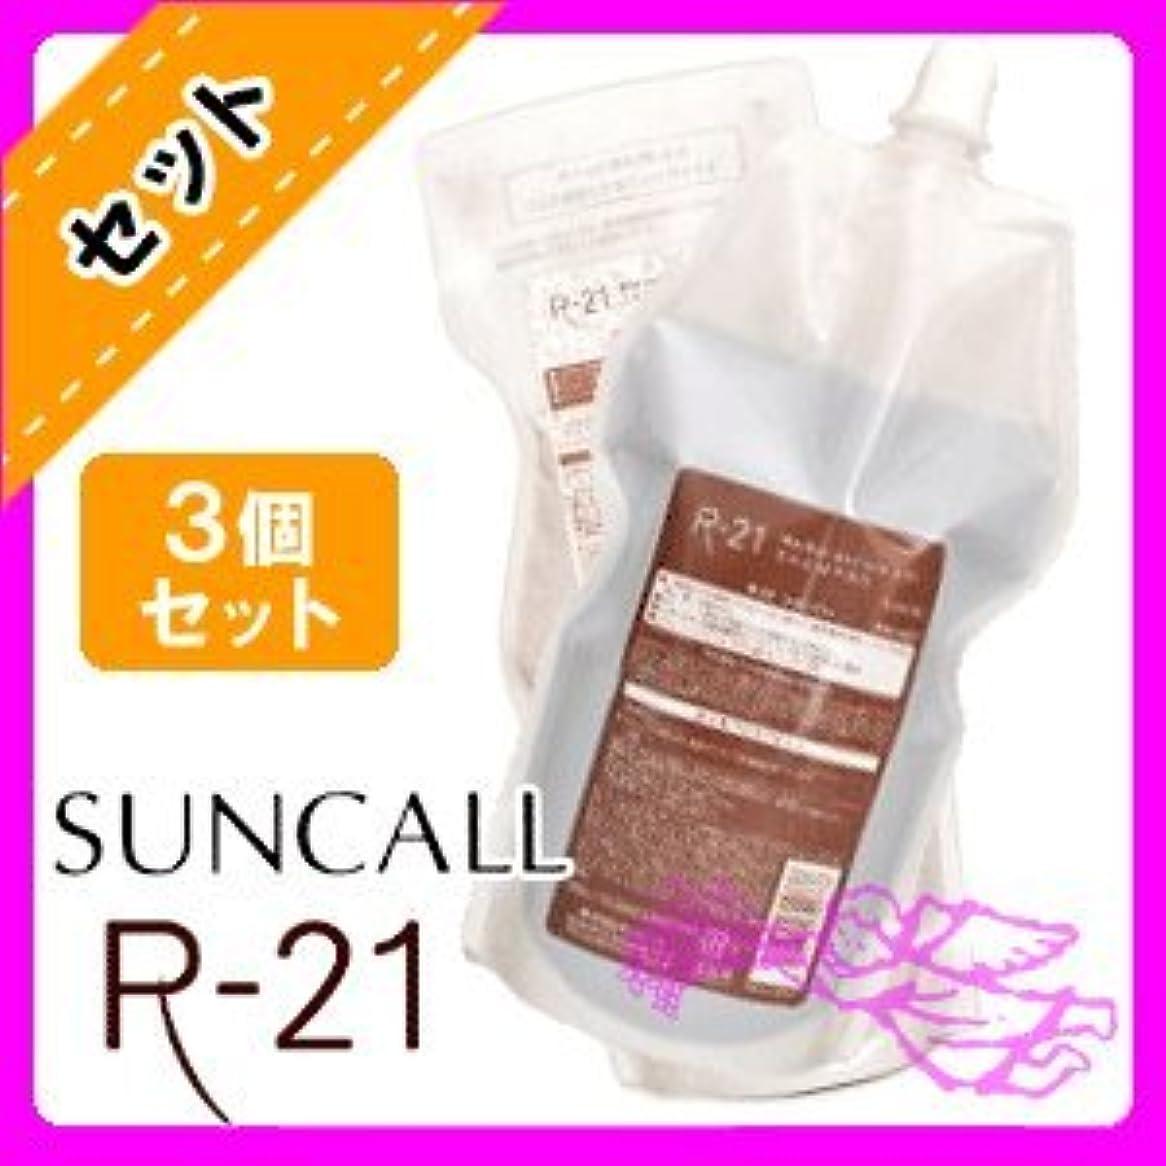 有益な腫瘍試してみるサンコール R-21 シャンプー 700mL × 3個 セット & トリートメント 700g × 3個 セット 詰め替え用 セット 頭皮の汚れを除去し、髪にハリ?コシを与えます SUNCALL R-21